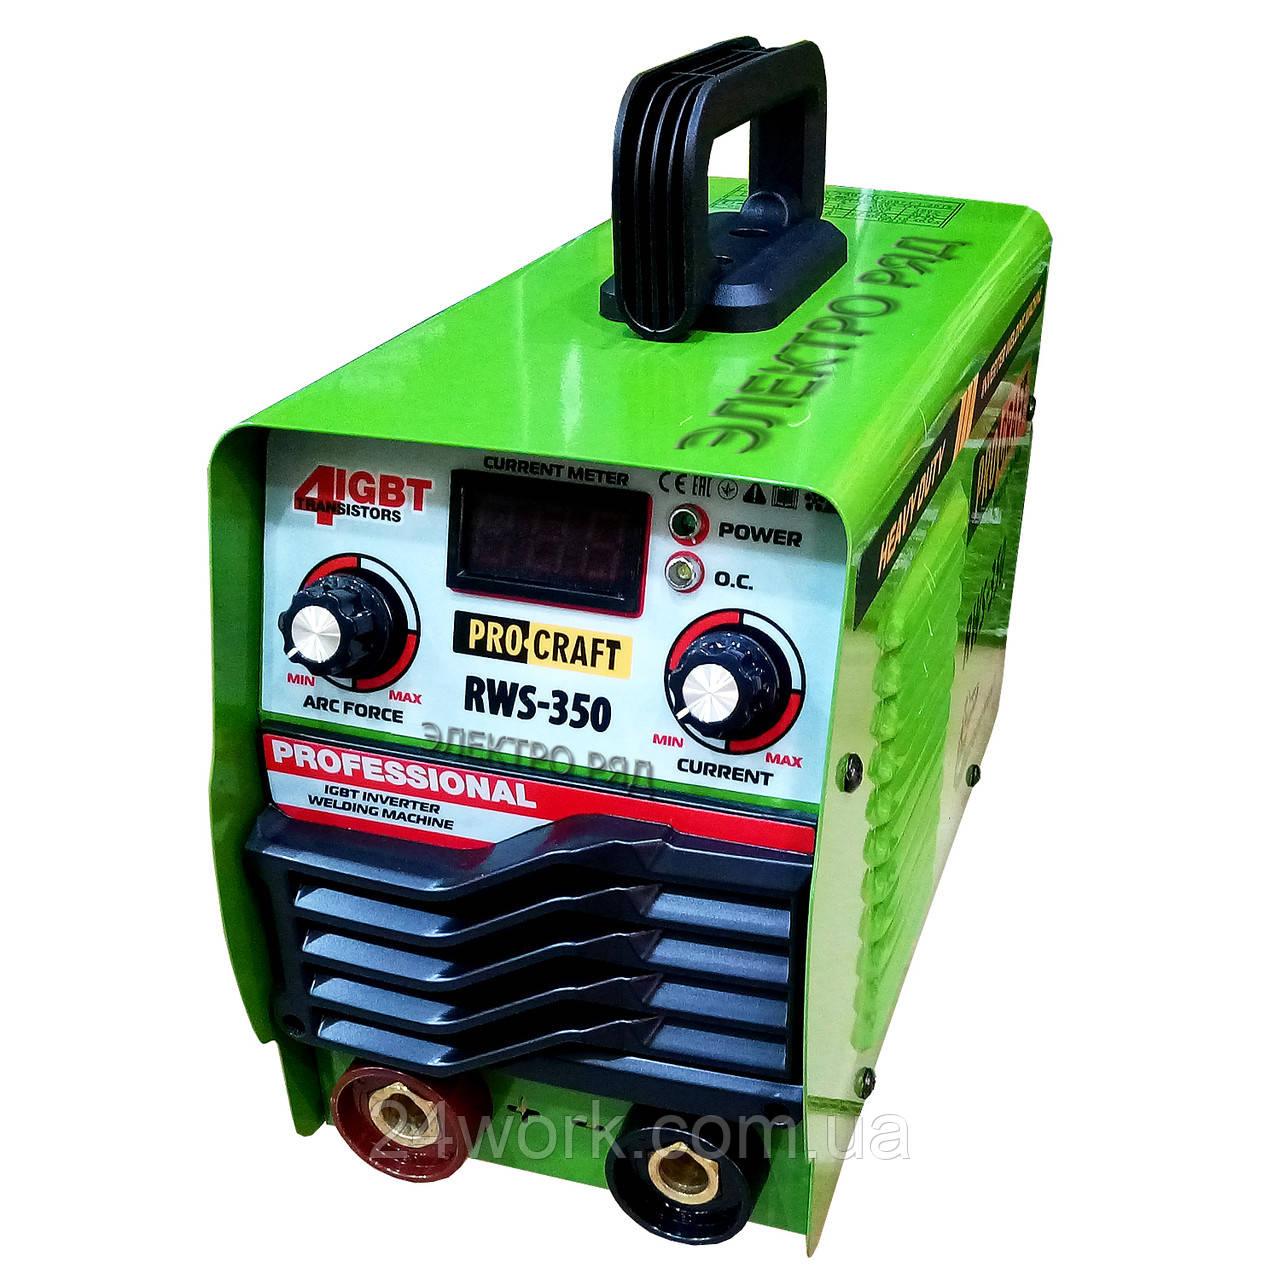 Сварочный аппарат Procraft RWS-350